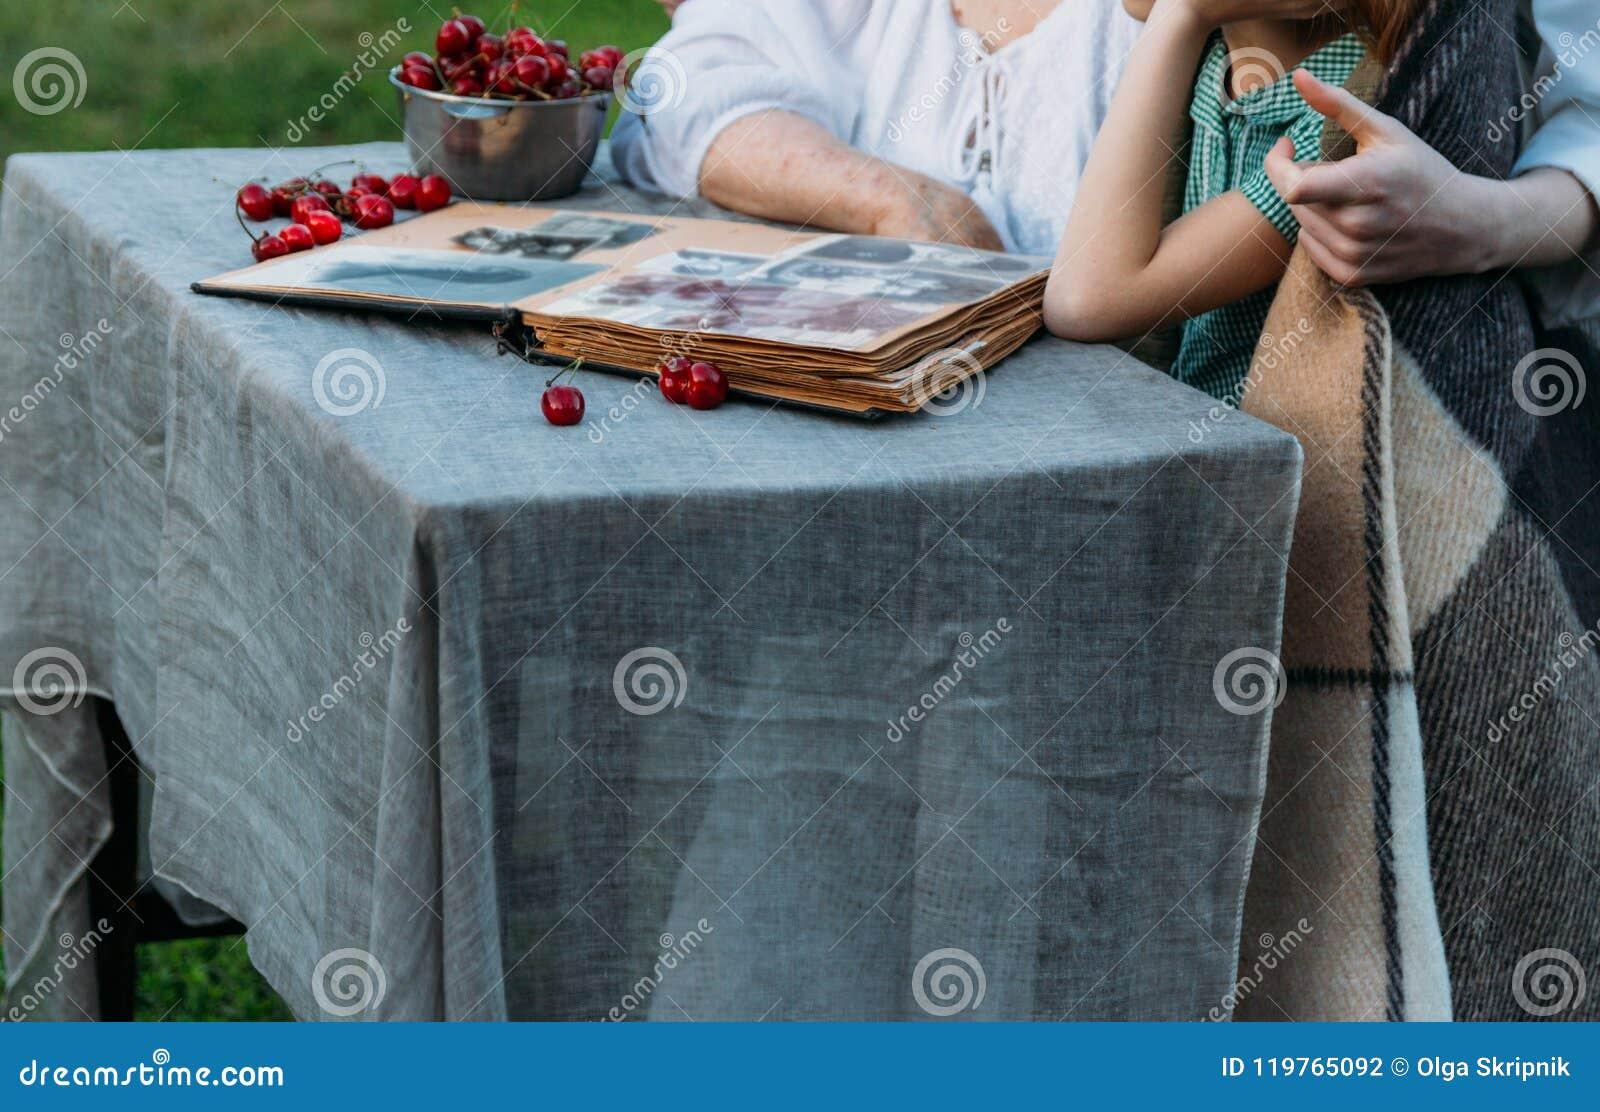 Gedächtnisse der älteren Personen Besuchsgroßmutter Großmutter mit ihren Enkelkindern, die in einem Stuhl im Garten sitzen und ei